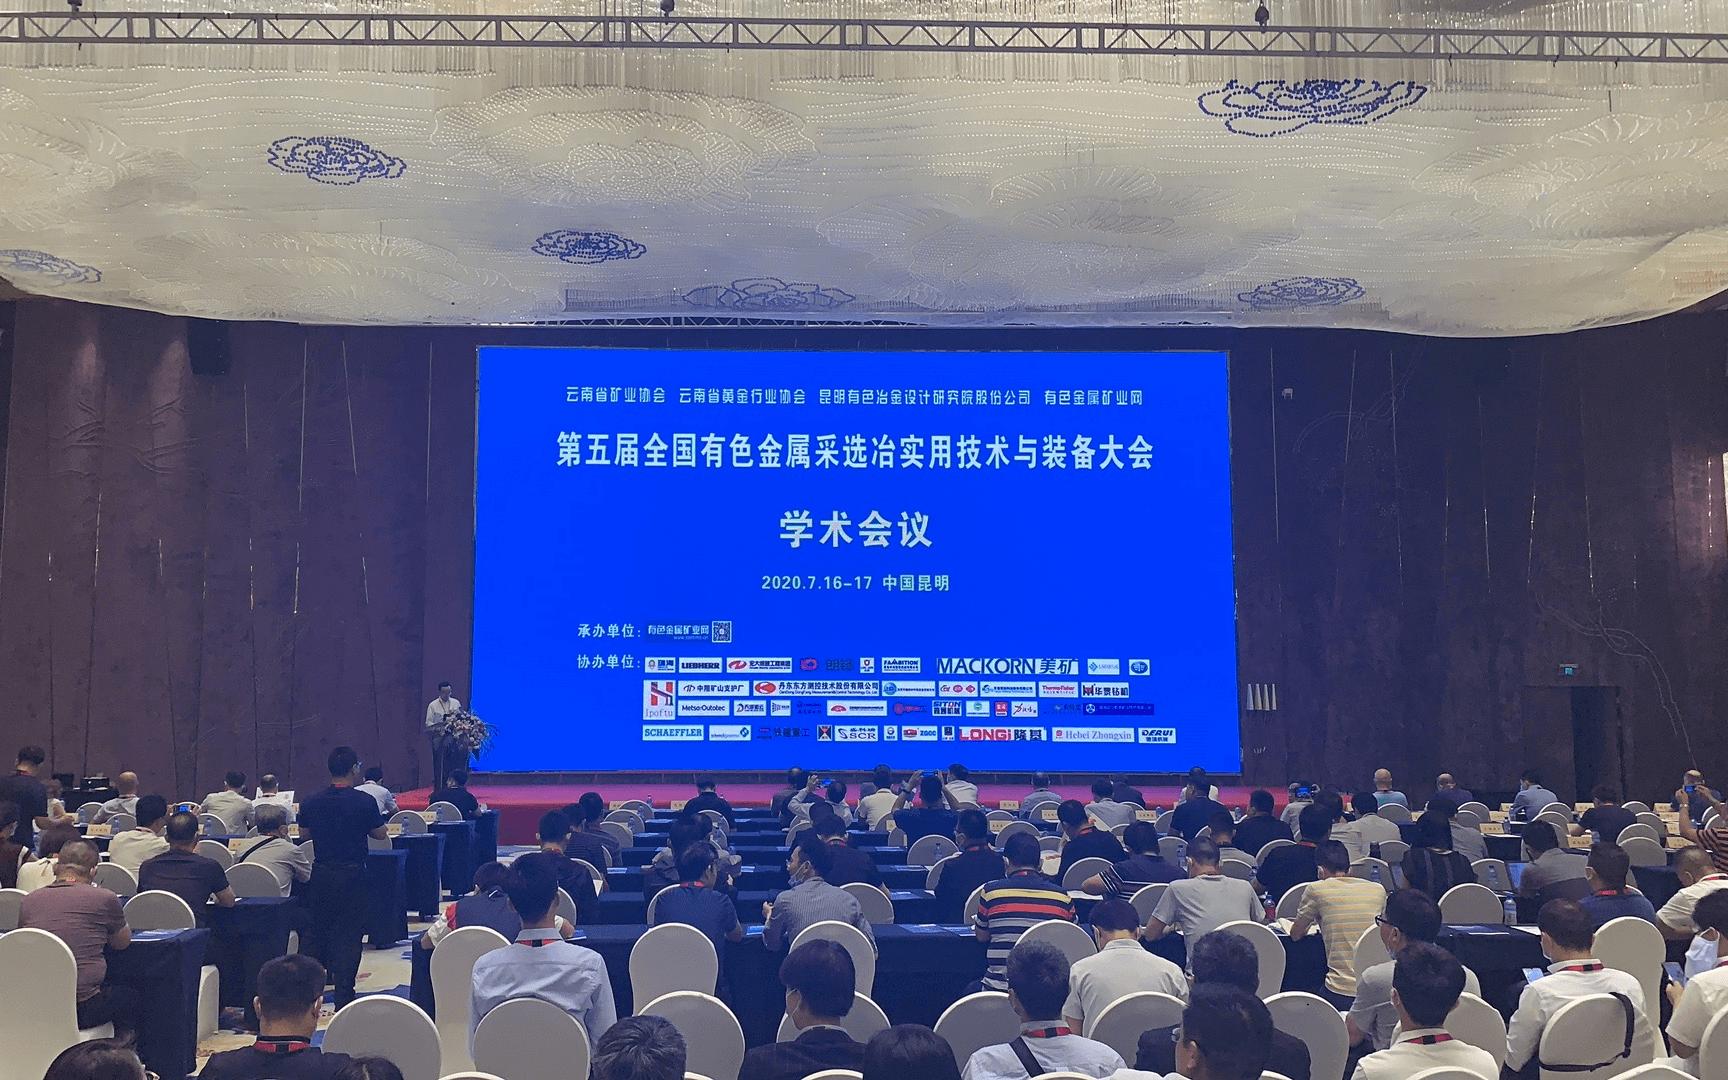 第八届全国有色金属(黄金)采选冶实用技术与智能化装备大会